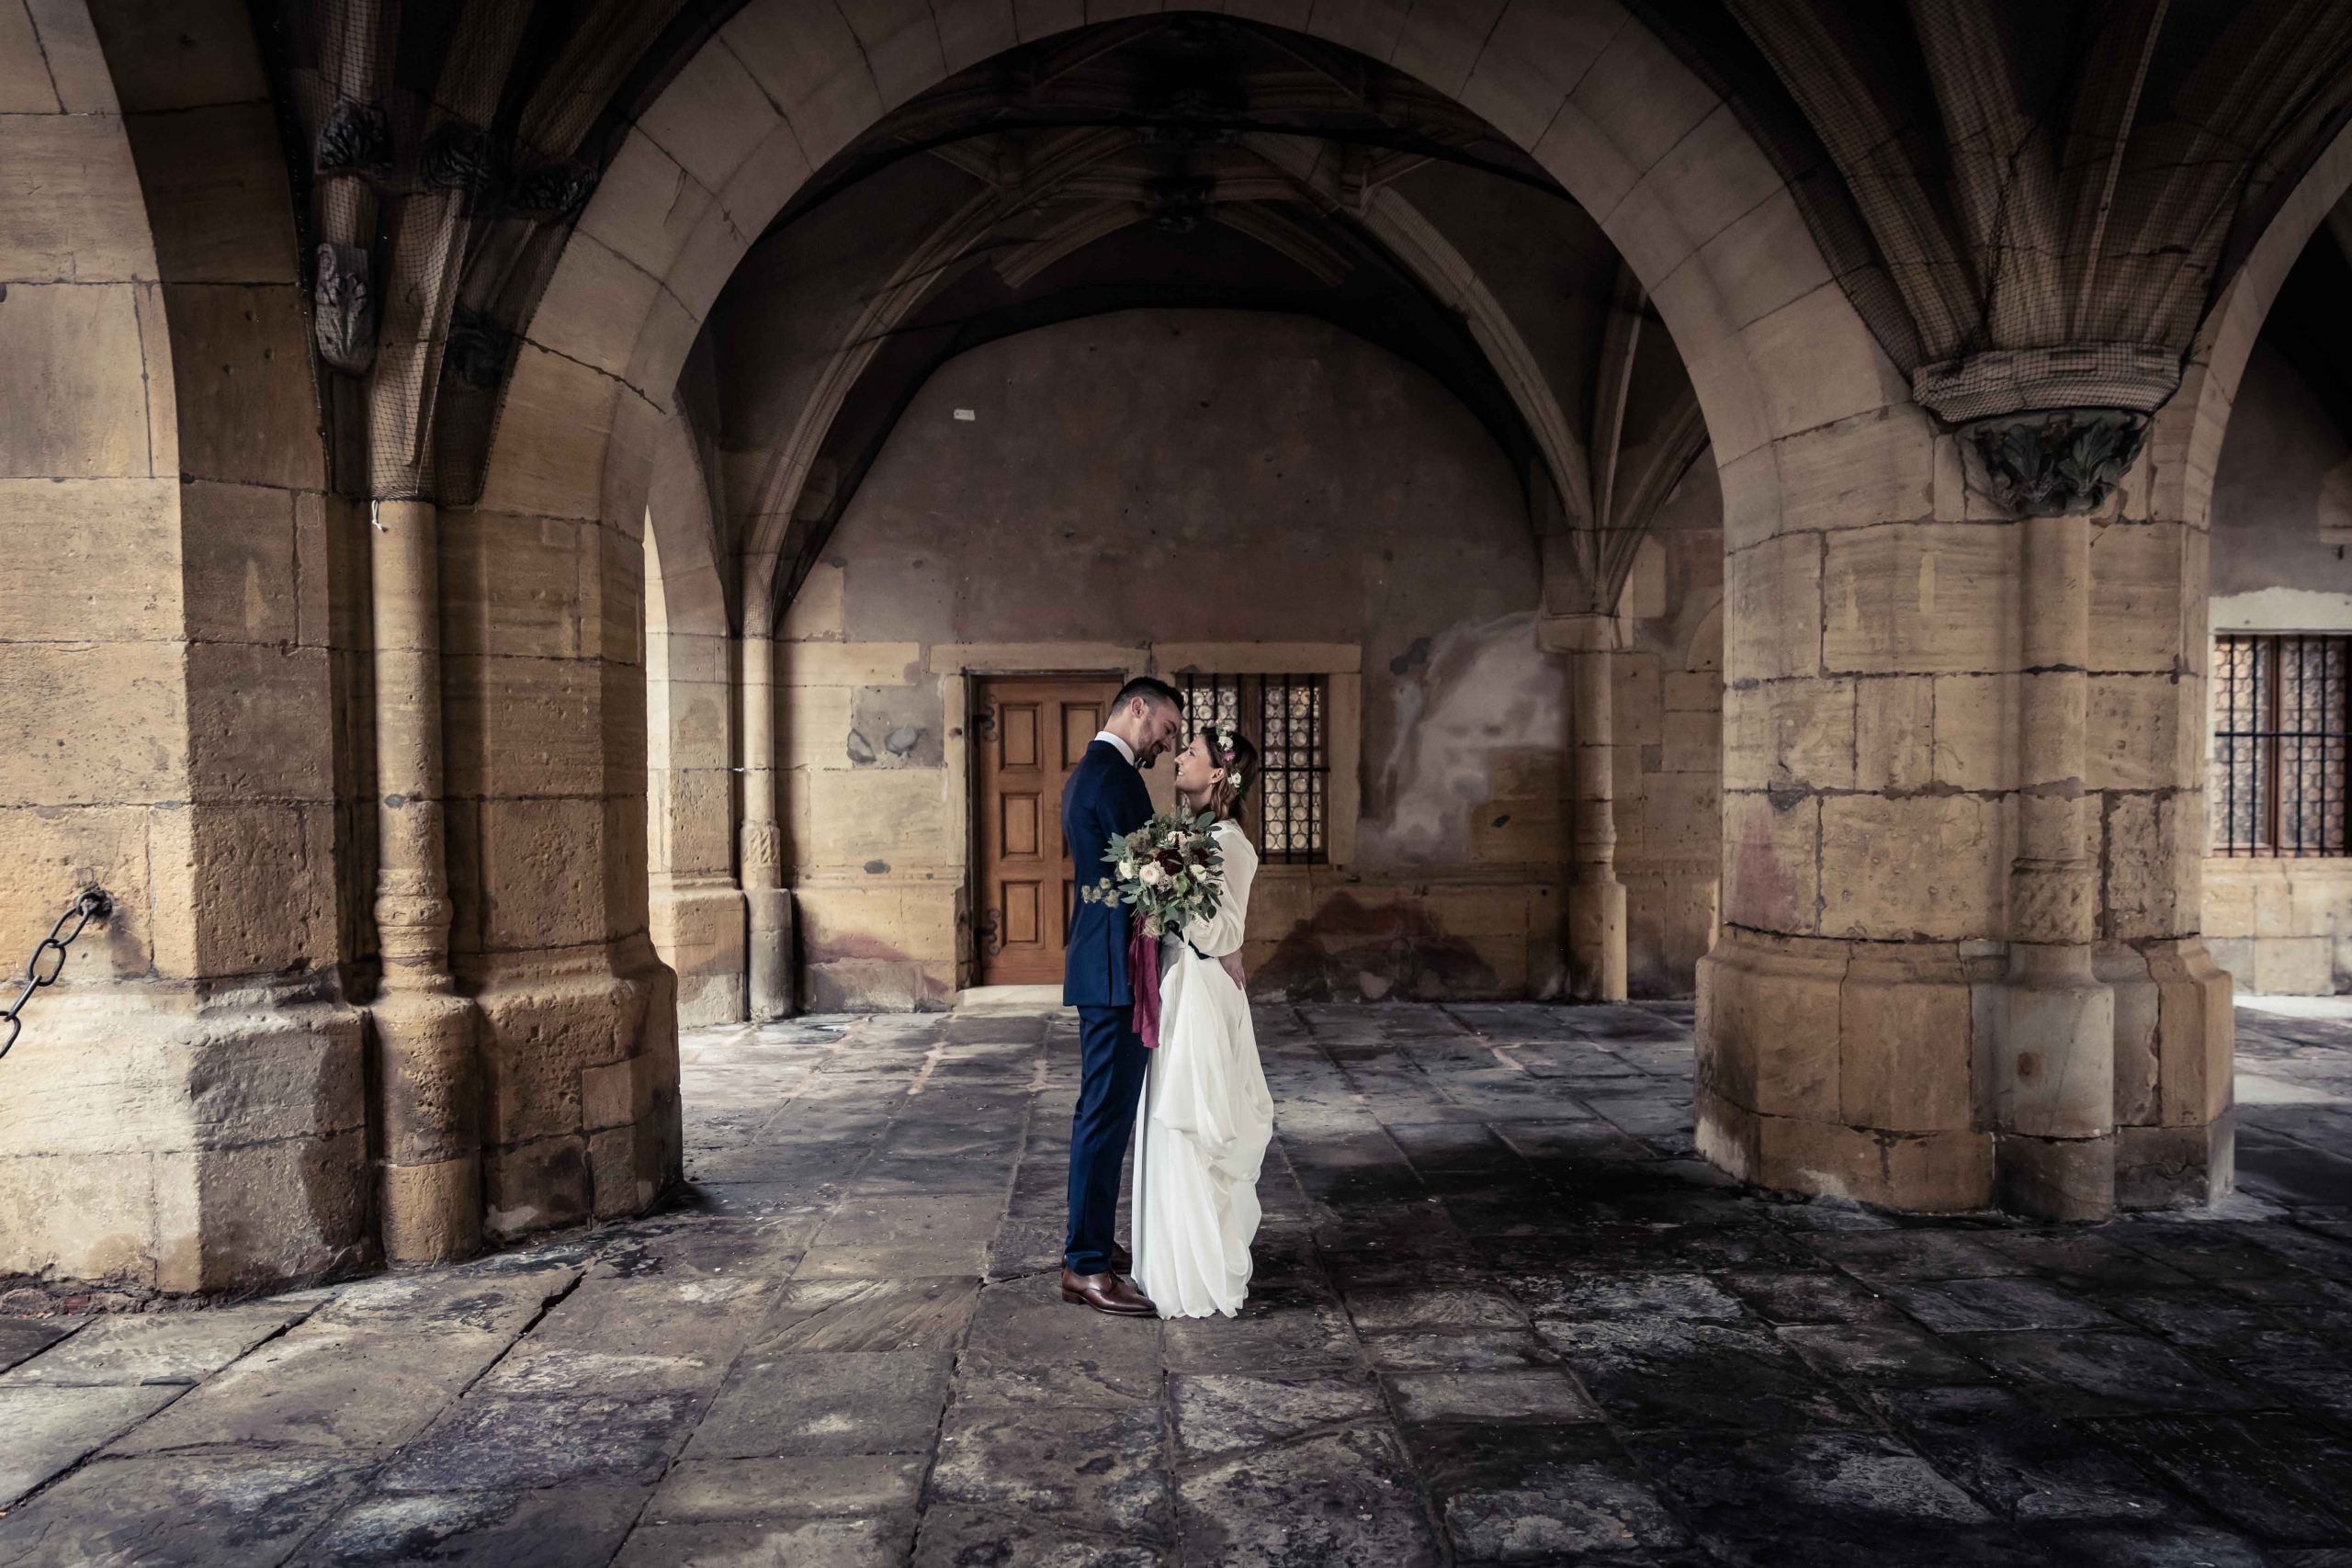 séance photo de mariage à la mairie d'Ensisheim en Alsace